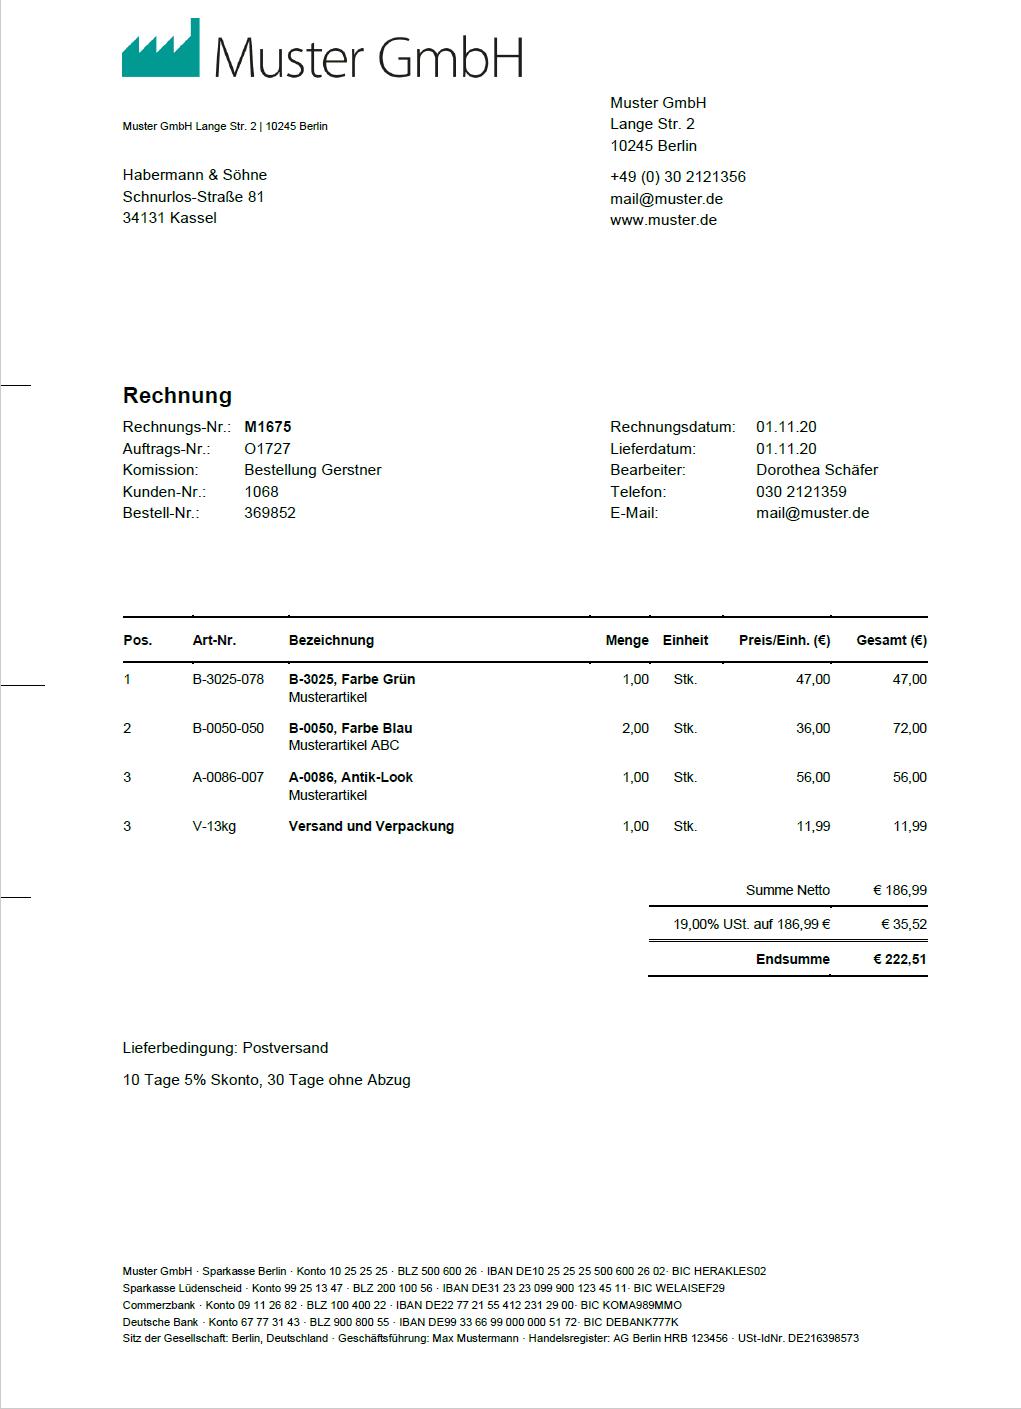 Originalrechnung vor der Rechnungsdatenextraktion